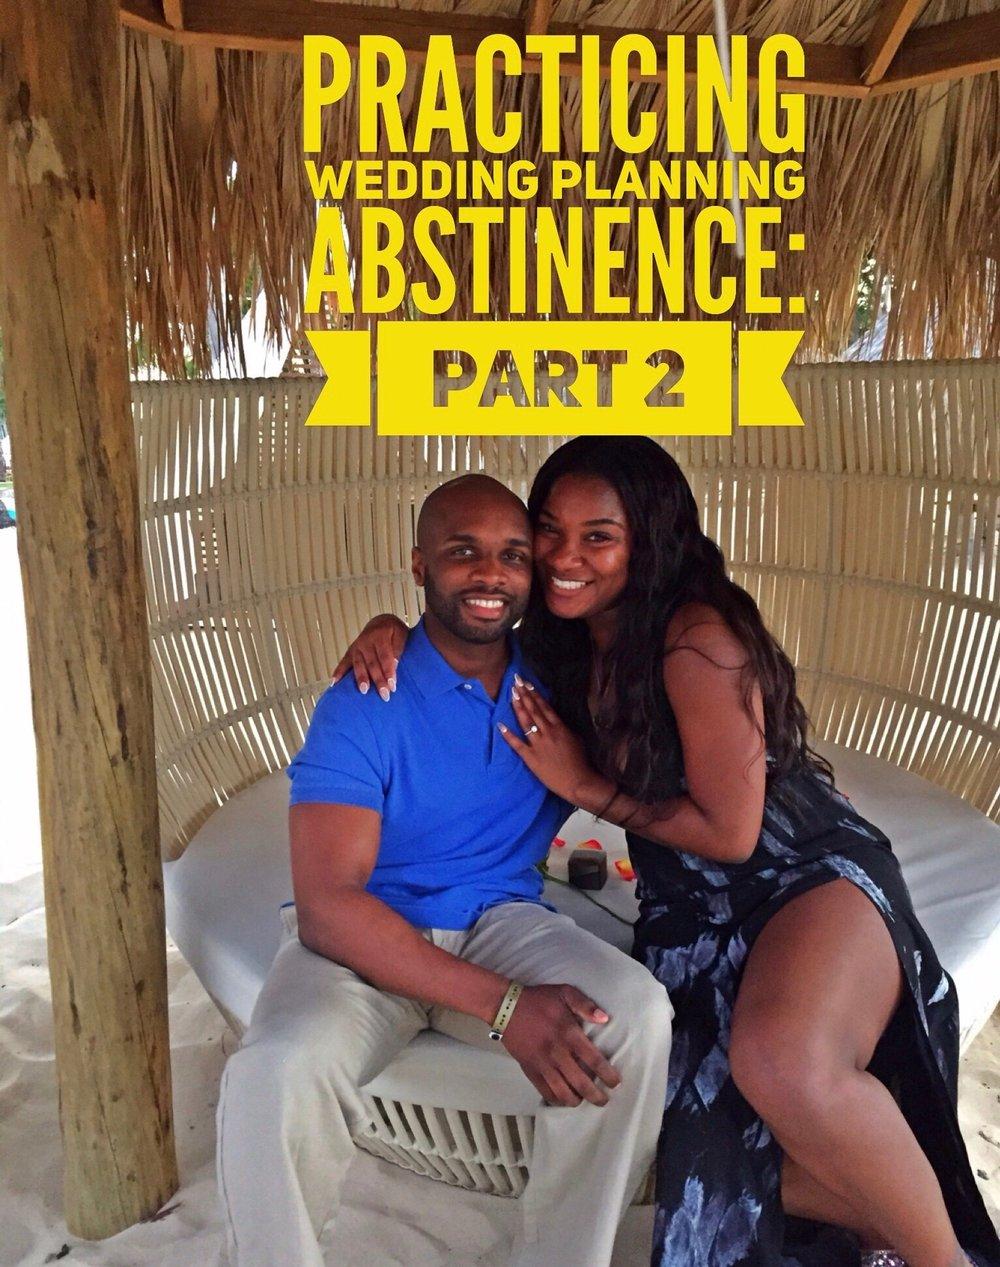 Black Destination Wedding Bride - Wedding Abstinence Pt.2